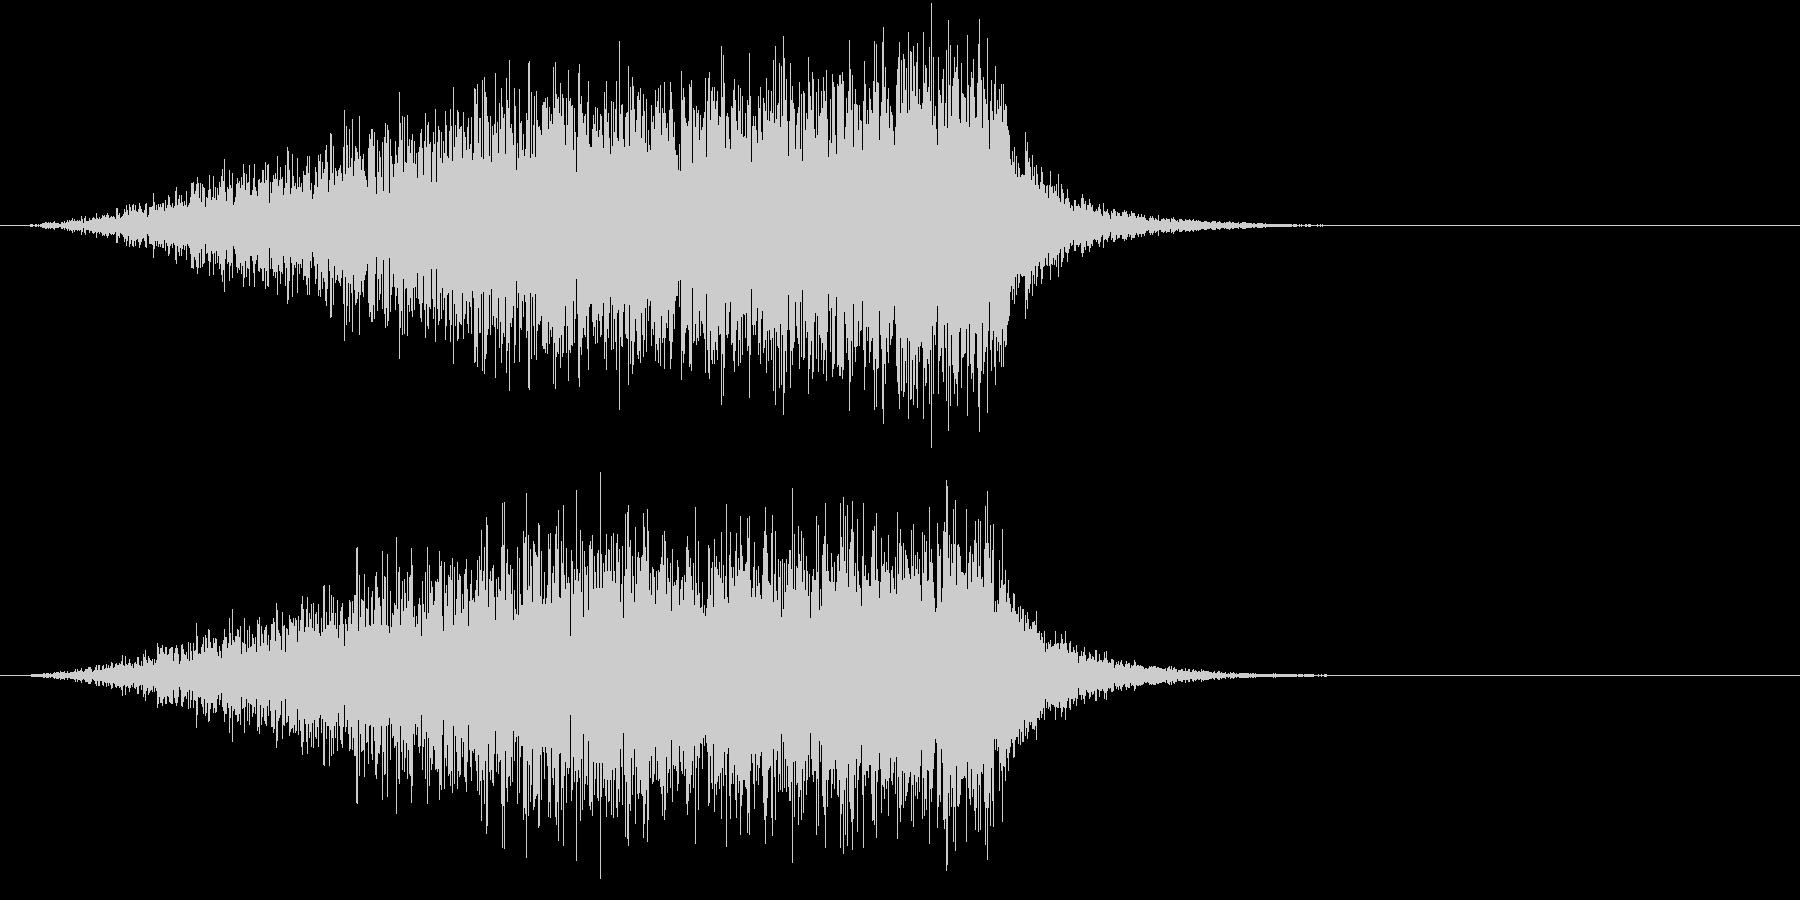 ホラー 近く 接近 恐怖 金属音 11の未再生の波形